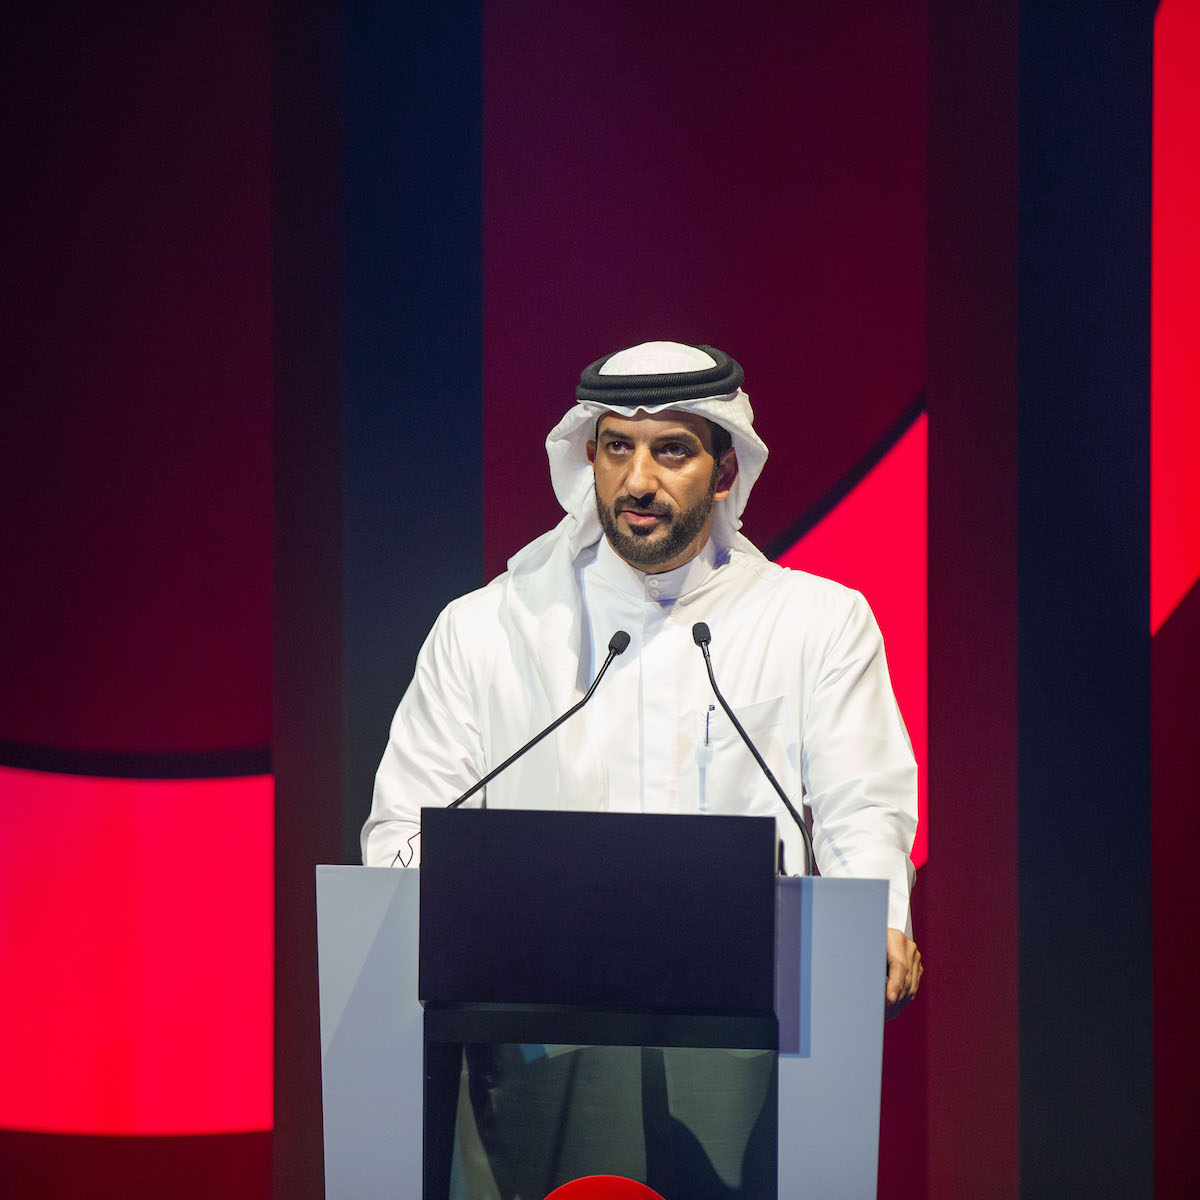   الشيخ سلطان بن أحمد القاسمي خلال حفل الختام  